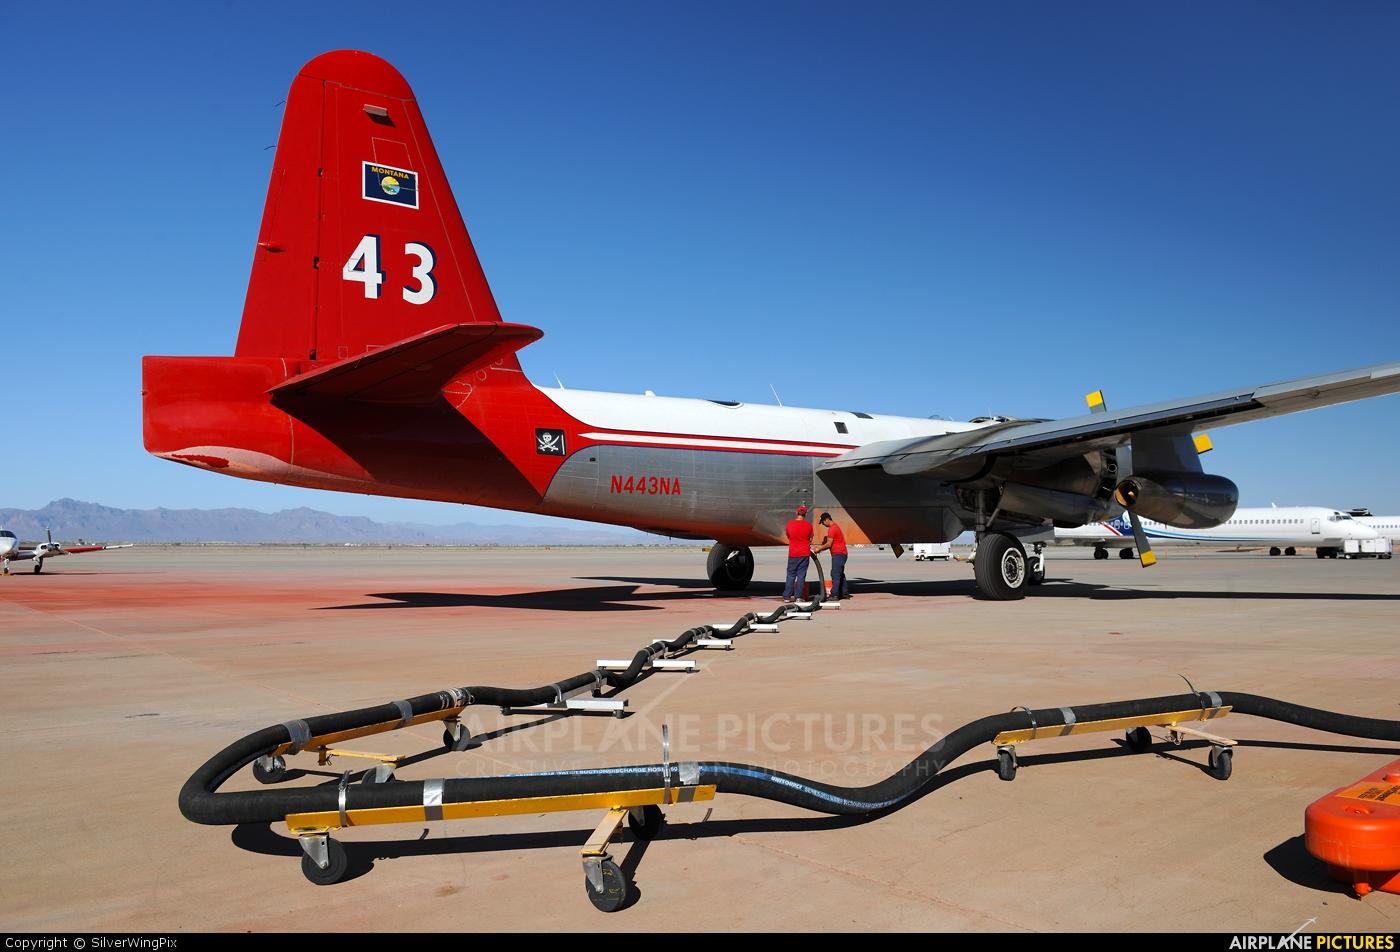 Neptune Aviation Services N443NA aircraft at Phoenix - Mesa Gateway